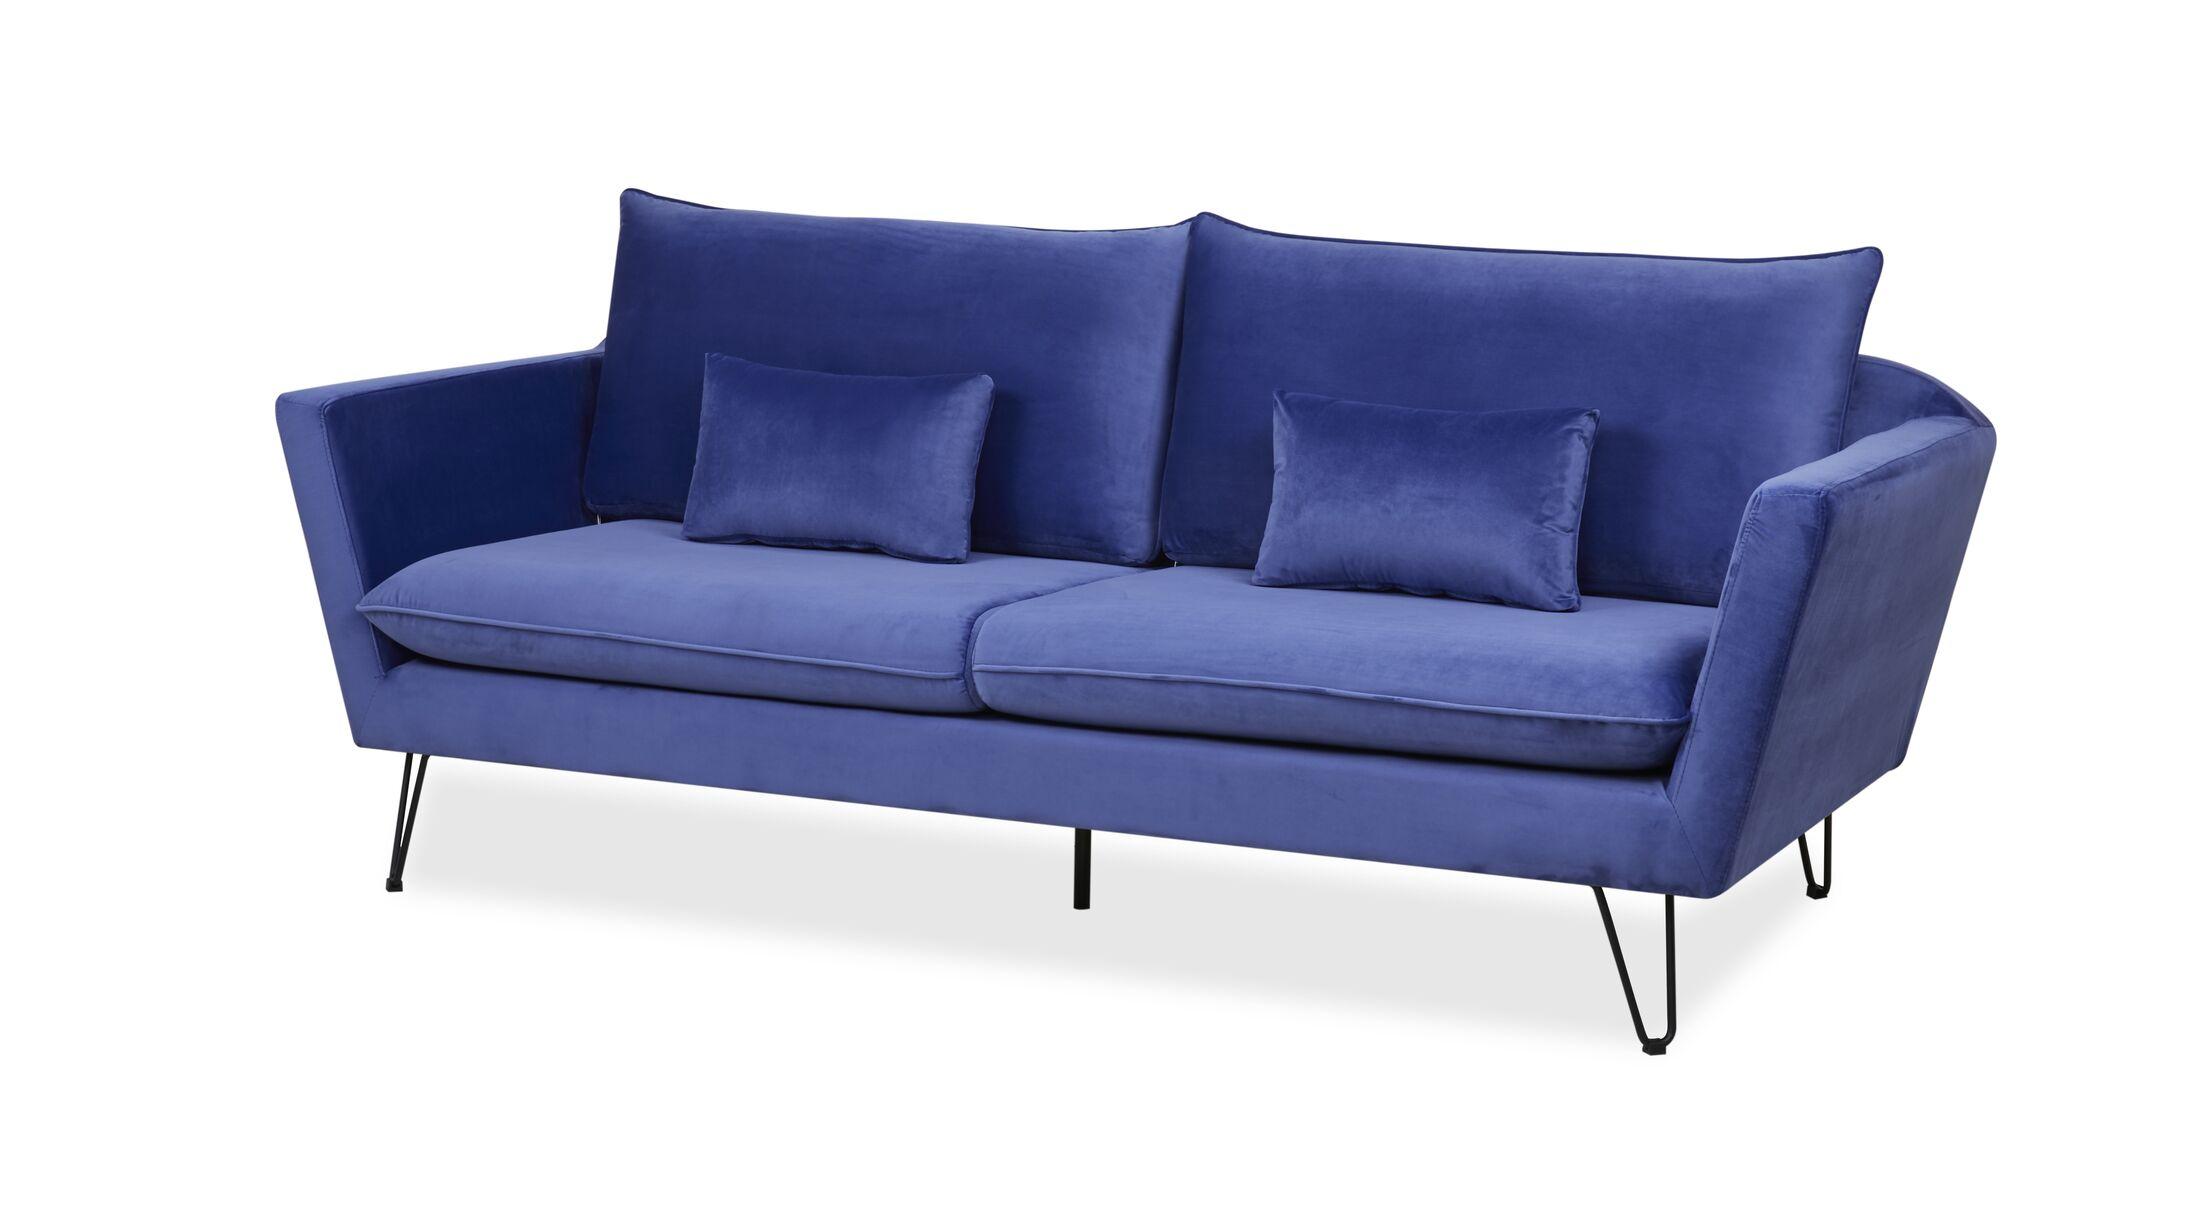 Fagin Standard  Sofa Upholstery Color: Light Blue